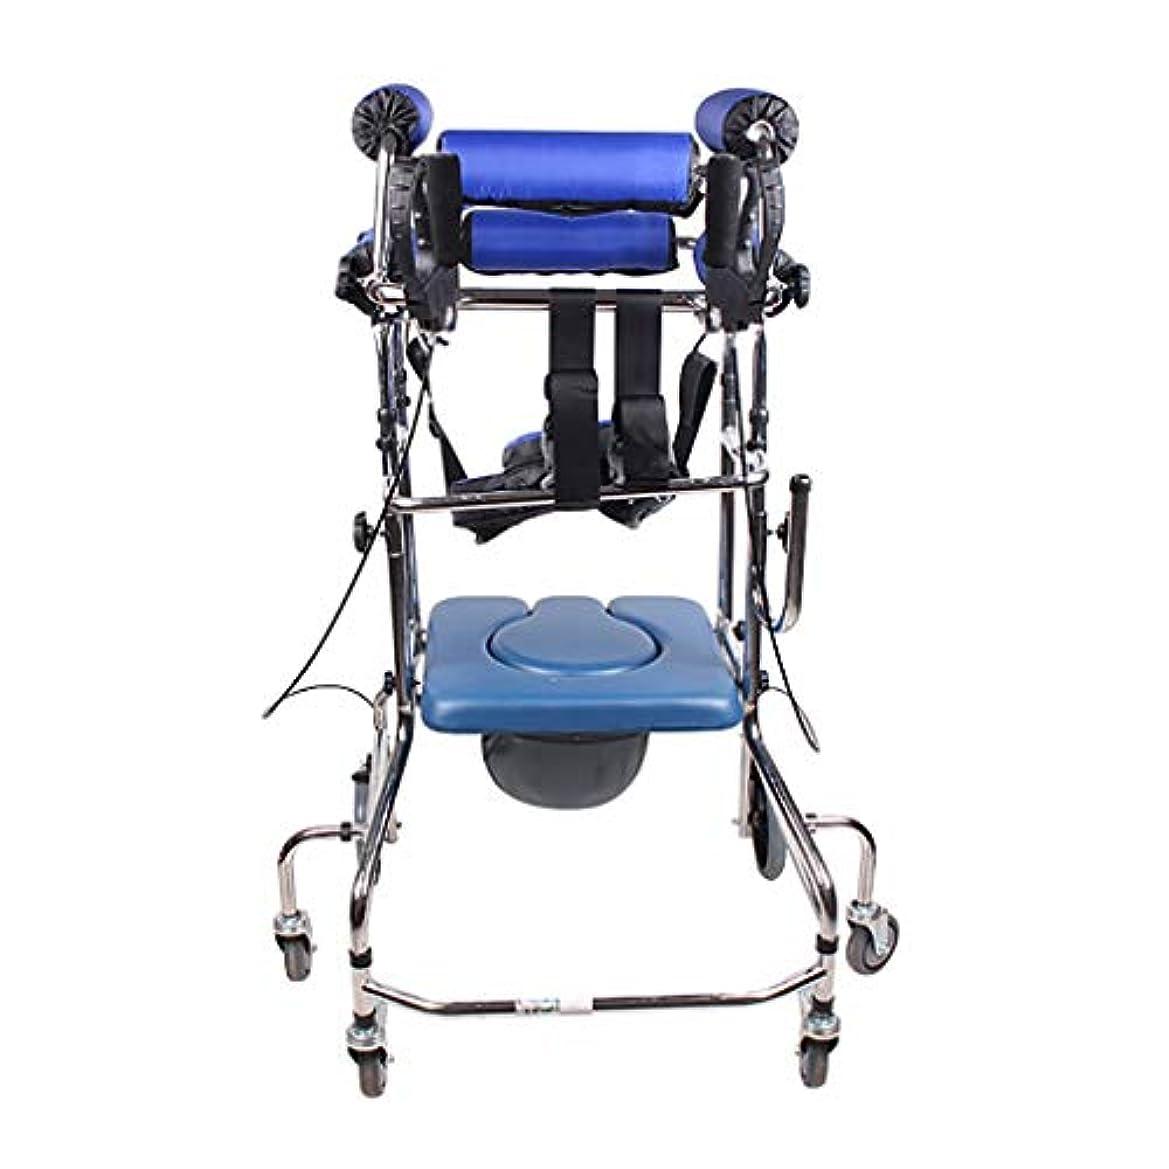 つかまえる荷物逃すスタンディングウォーキングラック/ウォーカー/身体障害者用手すり車椅子立ちベッド青6ラウンドハンドブレーキプラスフットブレーキトイレに追加